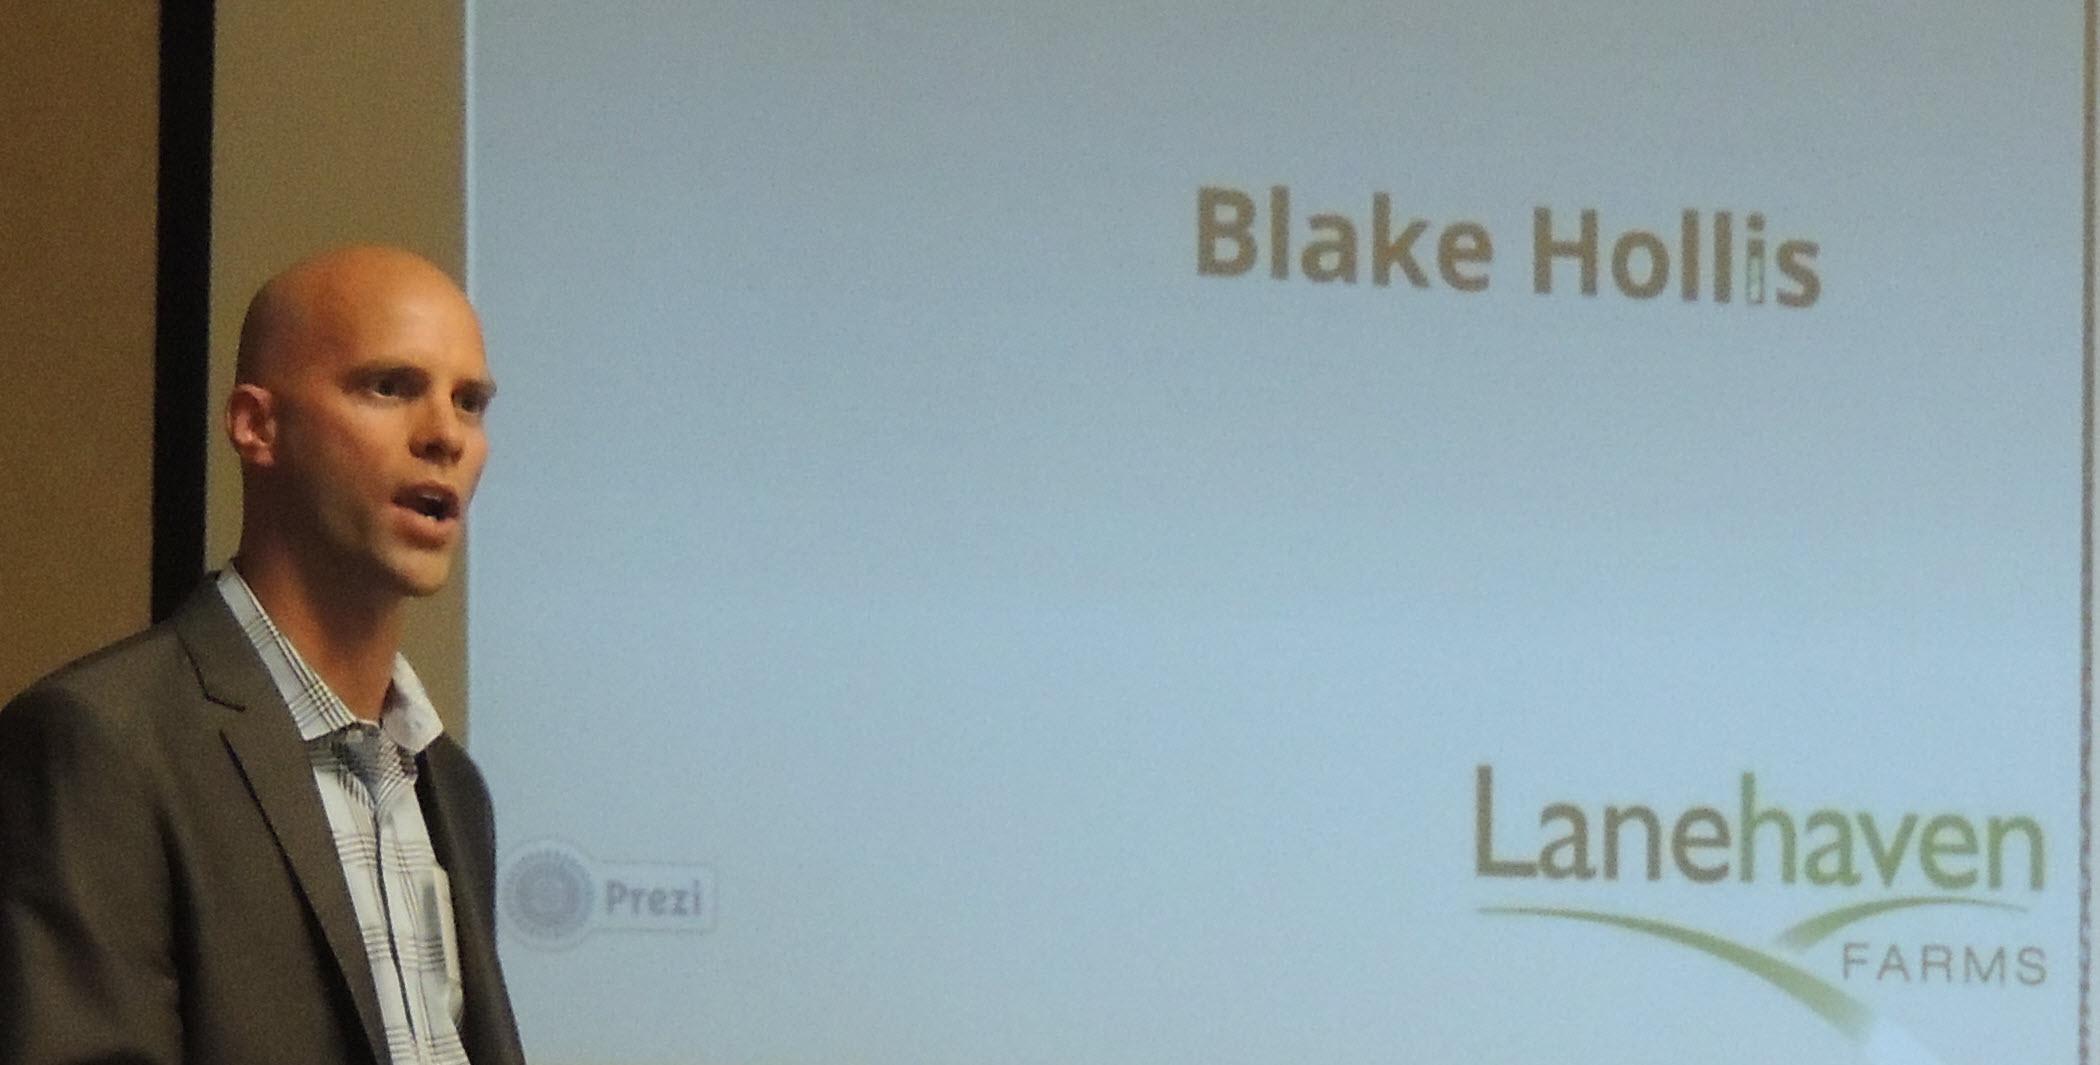 Blake Hollis